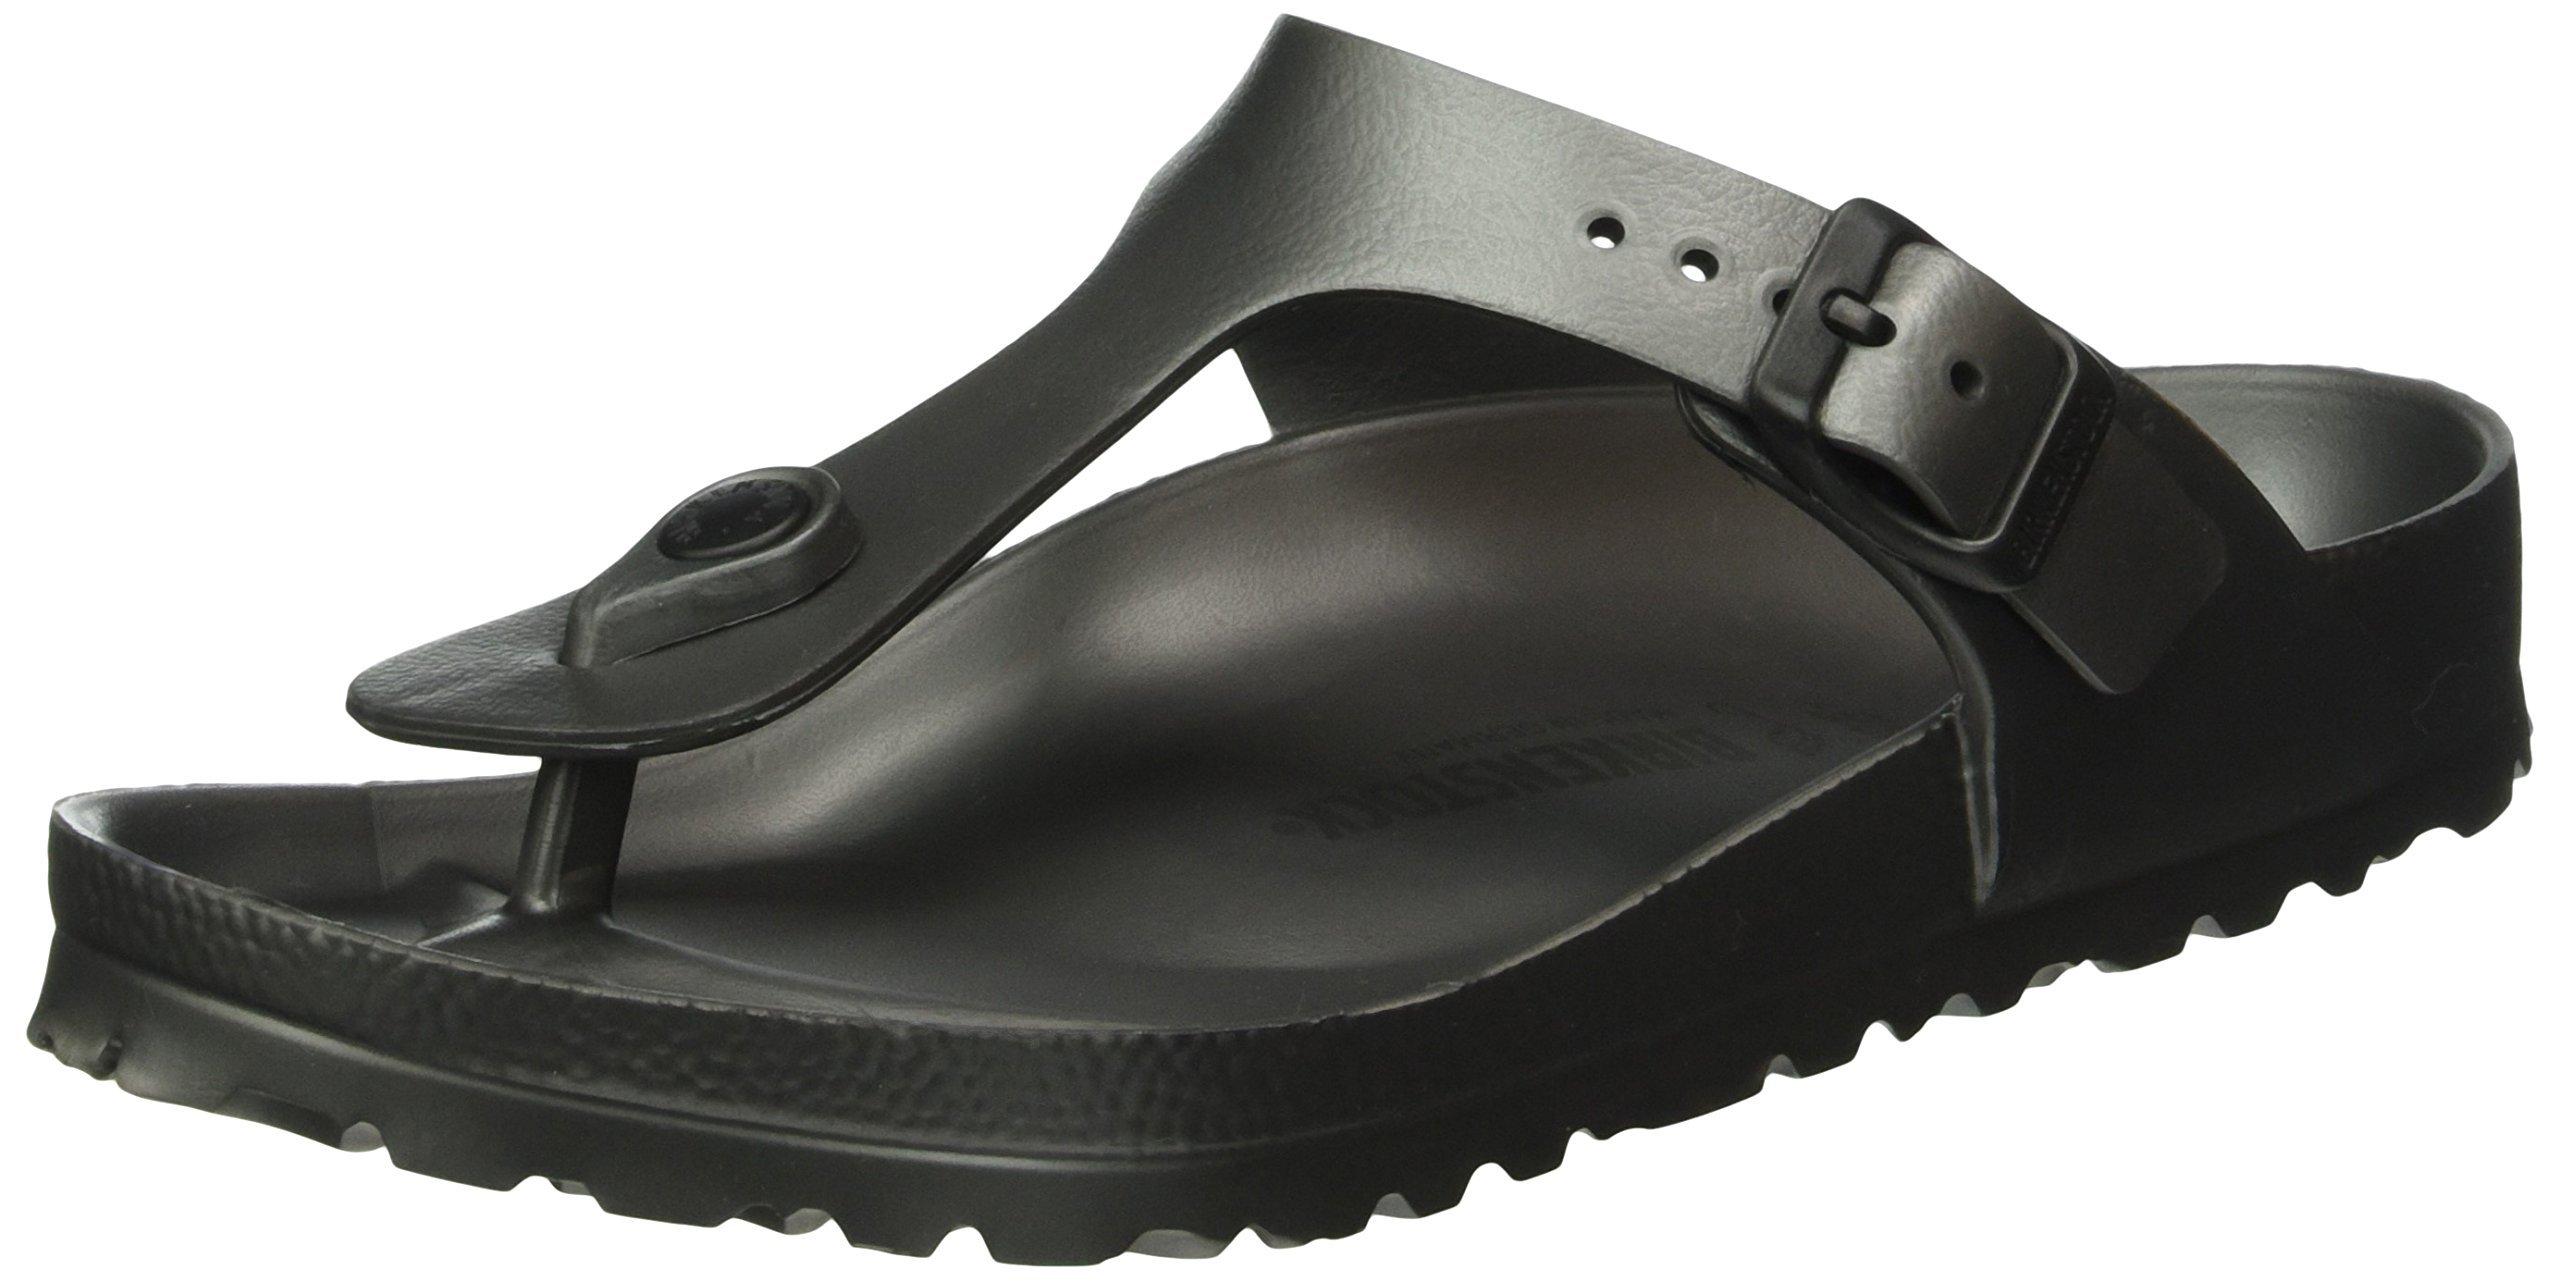 Birkenstock Essentials Unisex Gizeh EVA Sandals Metallic Anthracite 39 N EU (US Women's 8-8.5) by Birkenstock